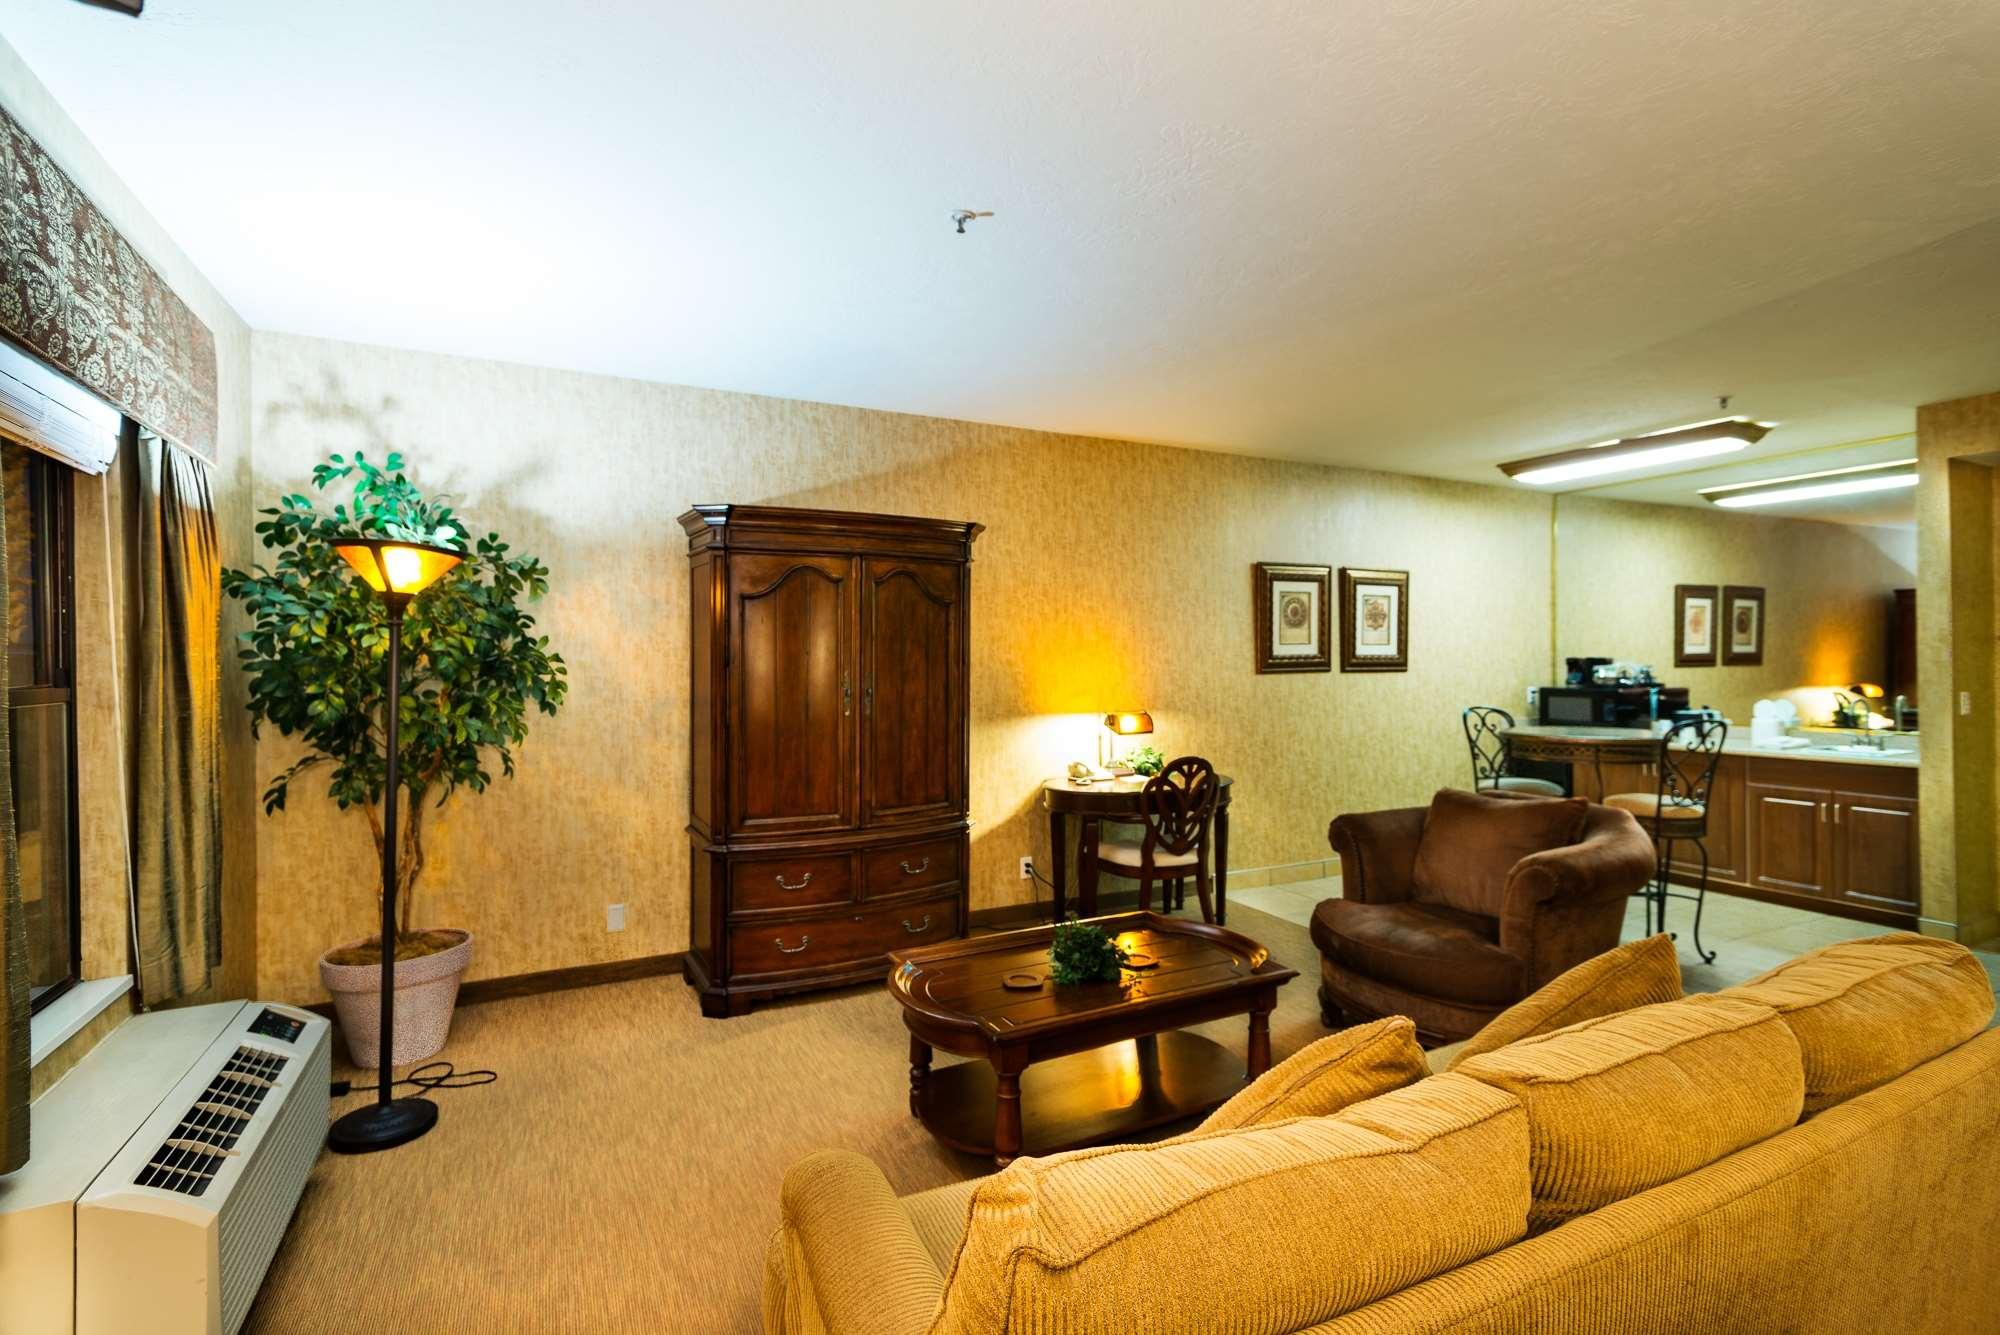 hampton inn st george saint george utah ut. Black Bedroom Furniture Sets. Home Design Ideas